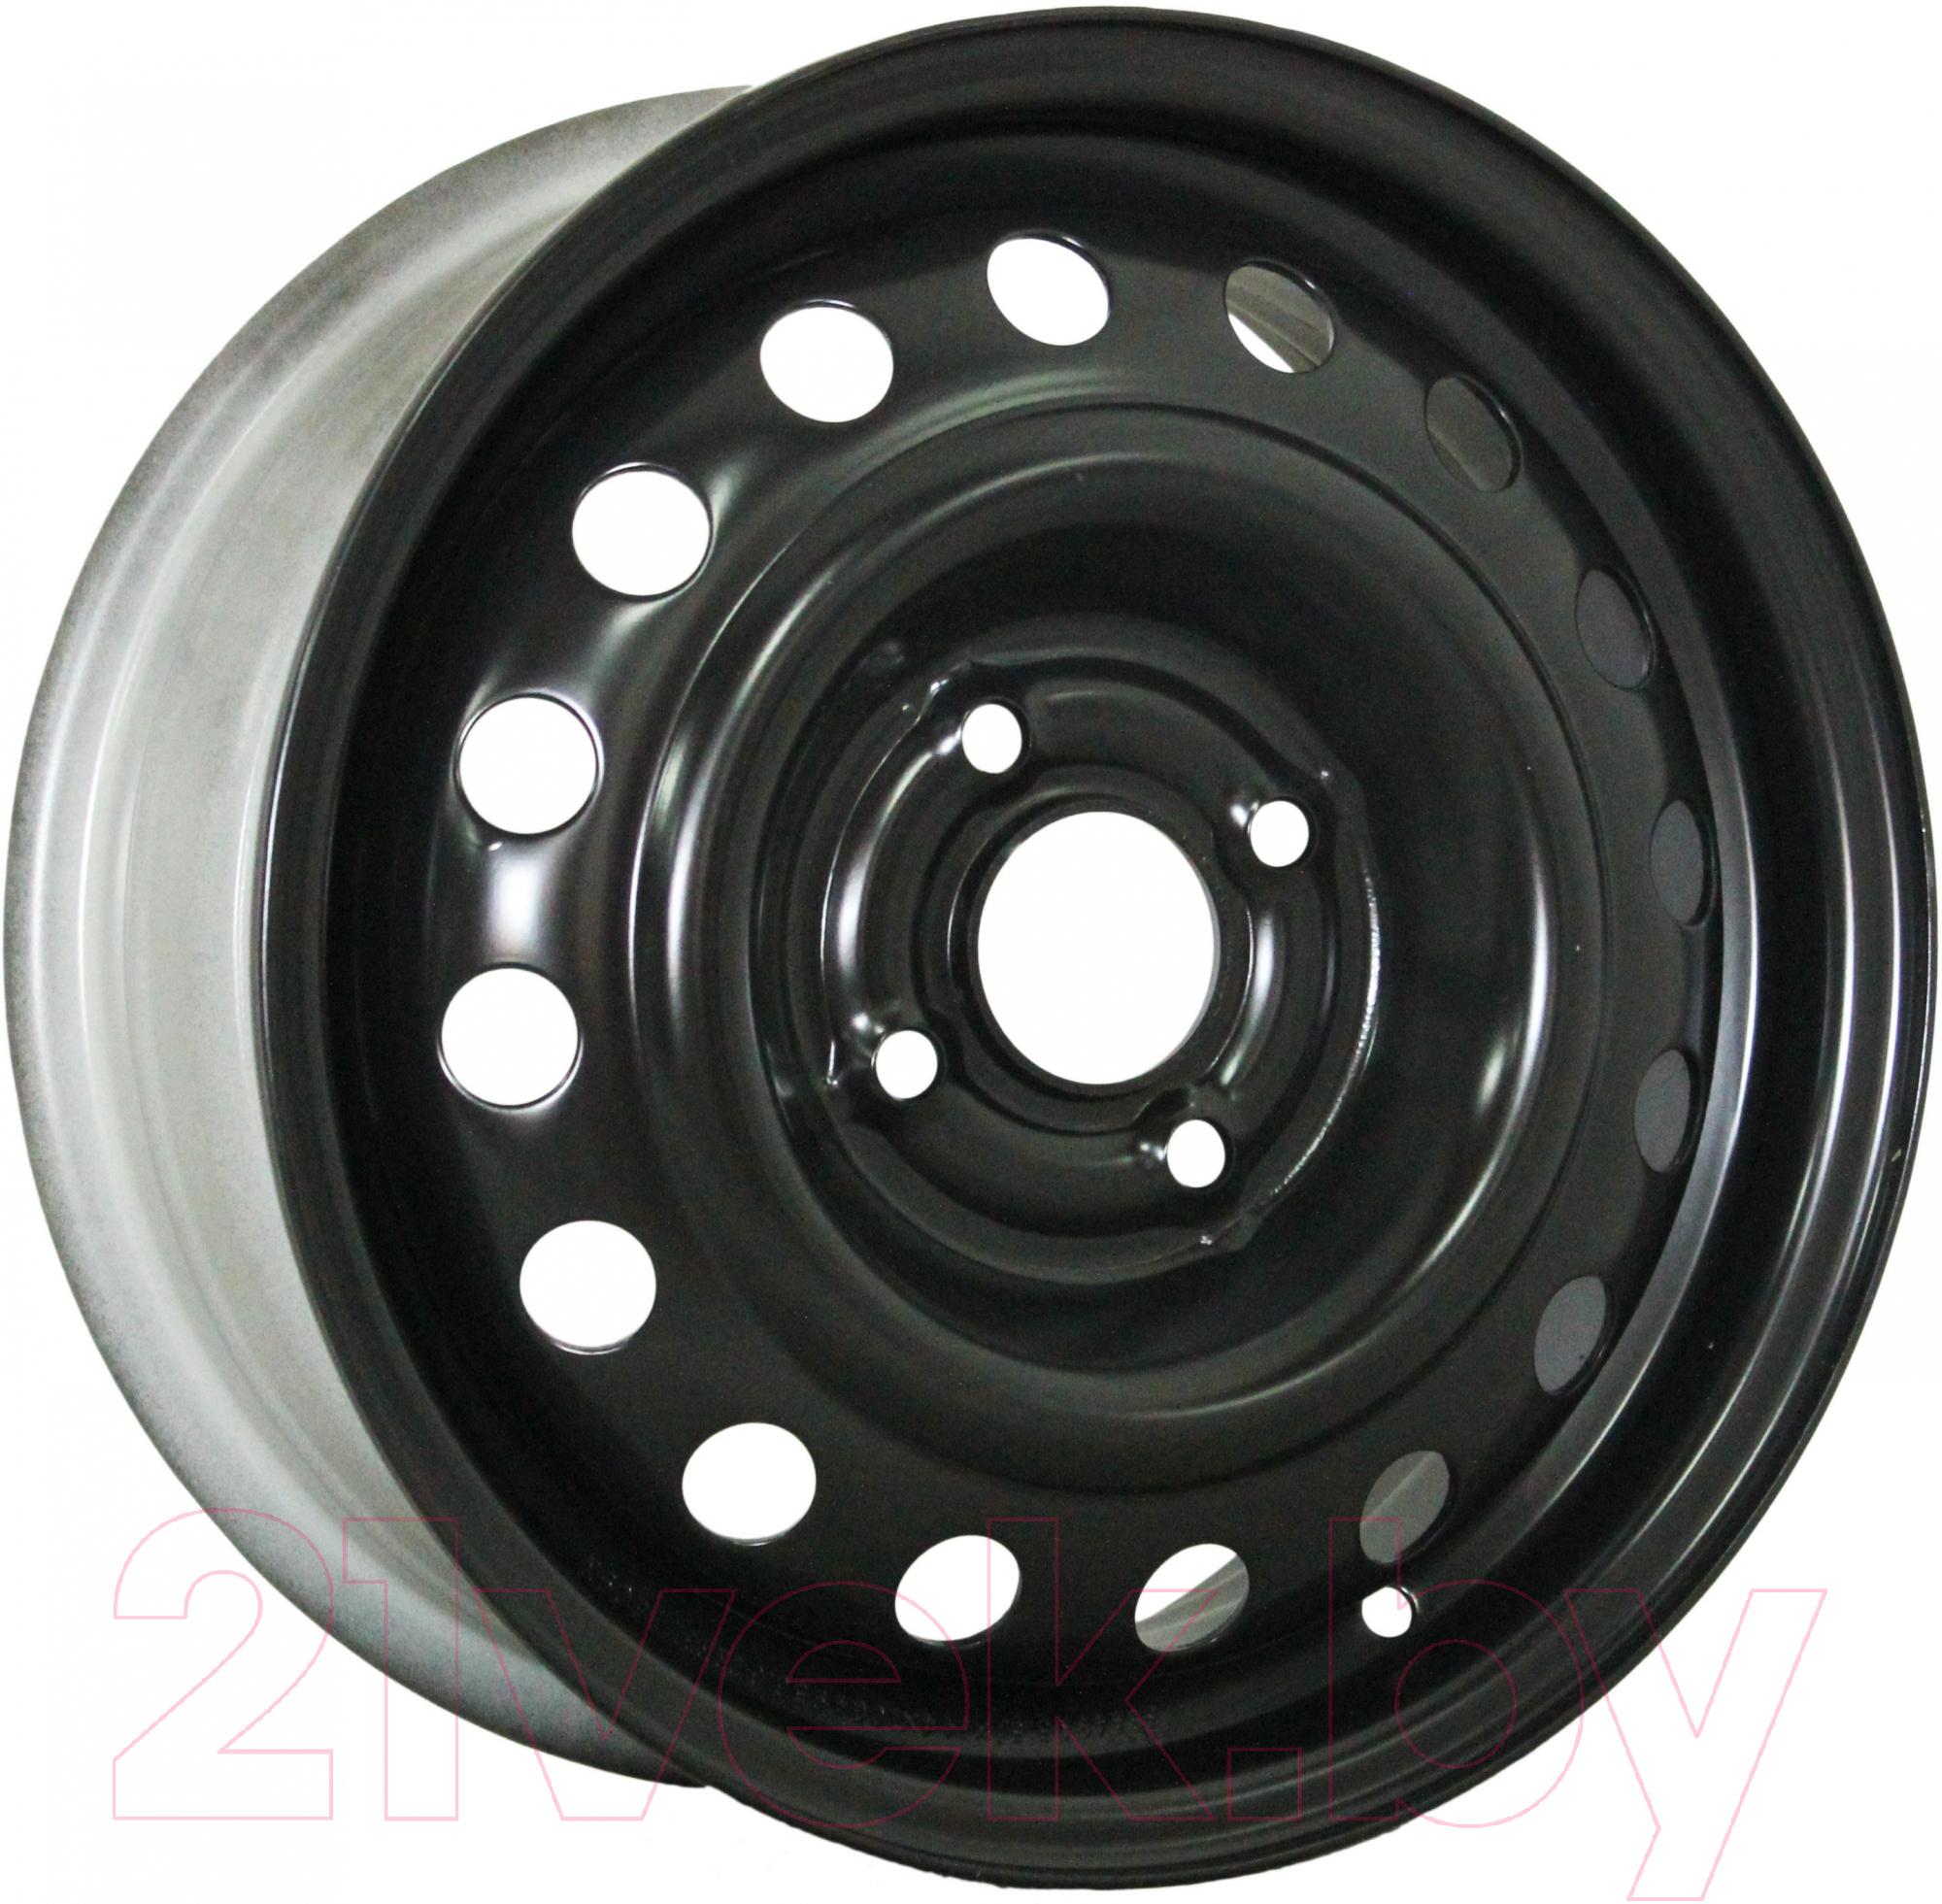 Купить Штампованный диск Trebl, 9535T 6x16 5x112мм DIA 57.1мм ET 50мм B, Китай